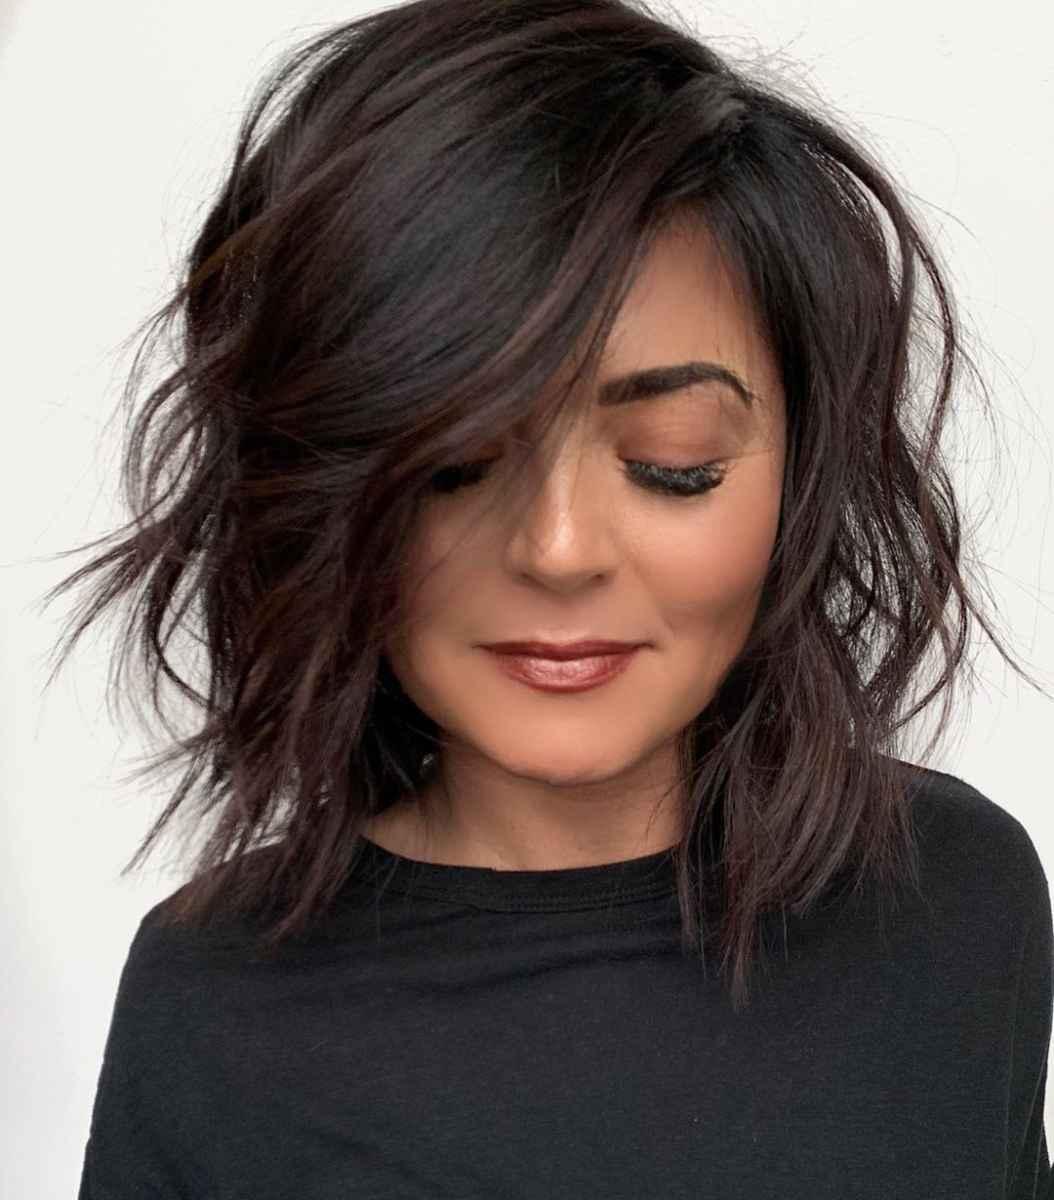 Стрижка каре на вьющиеся волосы 2020 фото_32